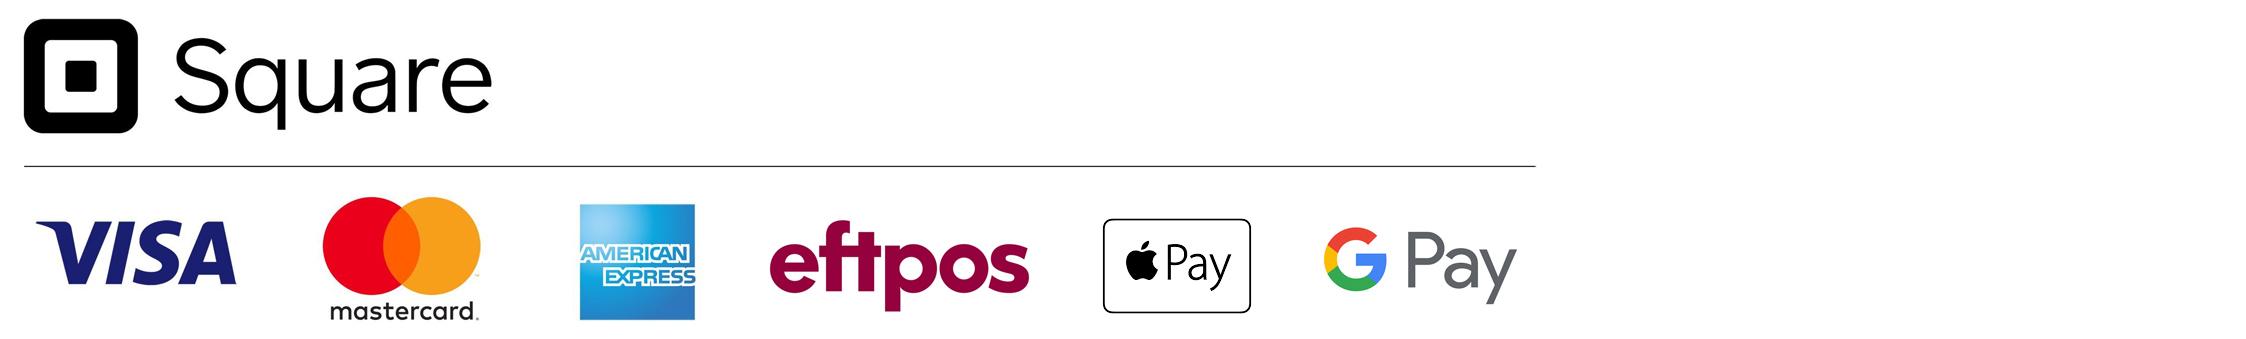 http://gcnr.com.au/wp-content/uploads/2021/04/Payments-1.jpg